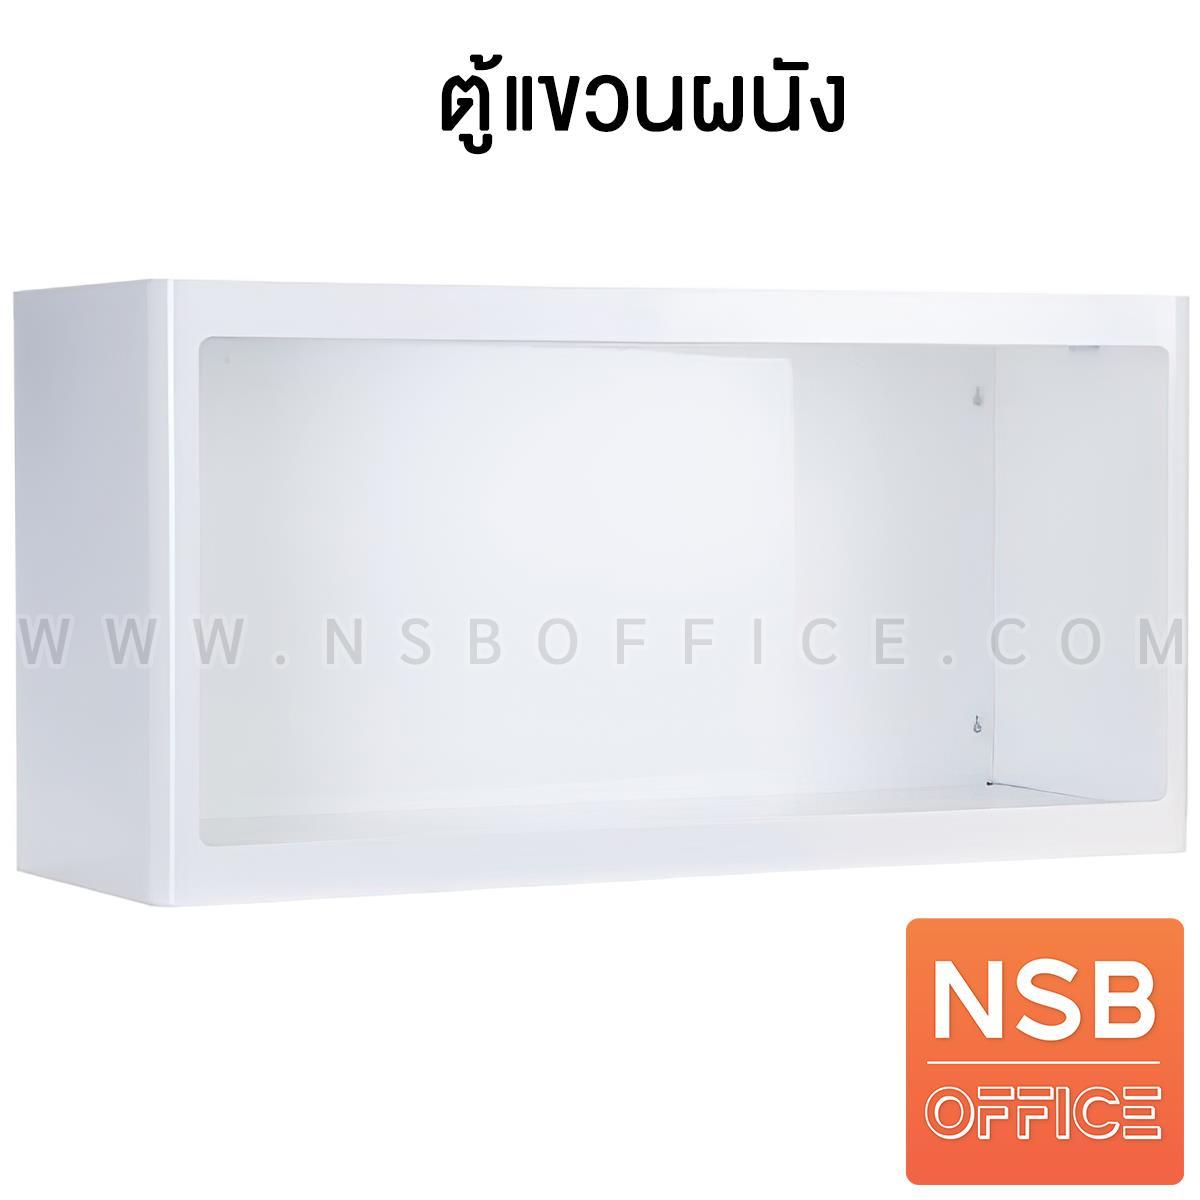 E25A038:ตู้เหล็กแขวนลอยบานโล่งขอบโค้ง  รุ่น KI-5038 ขนาด 88W*44H cm.